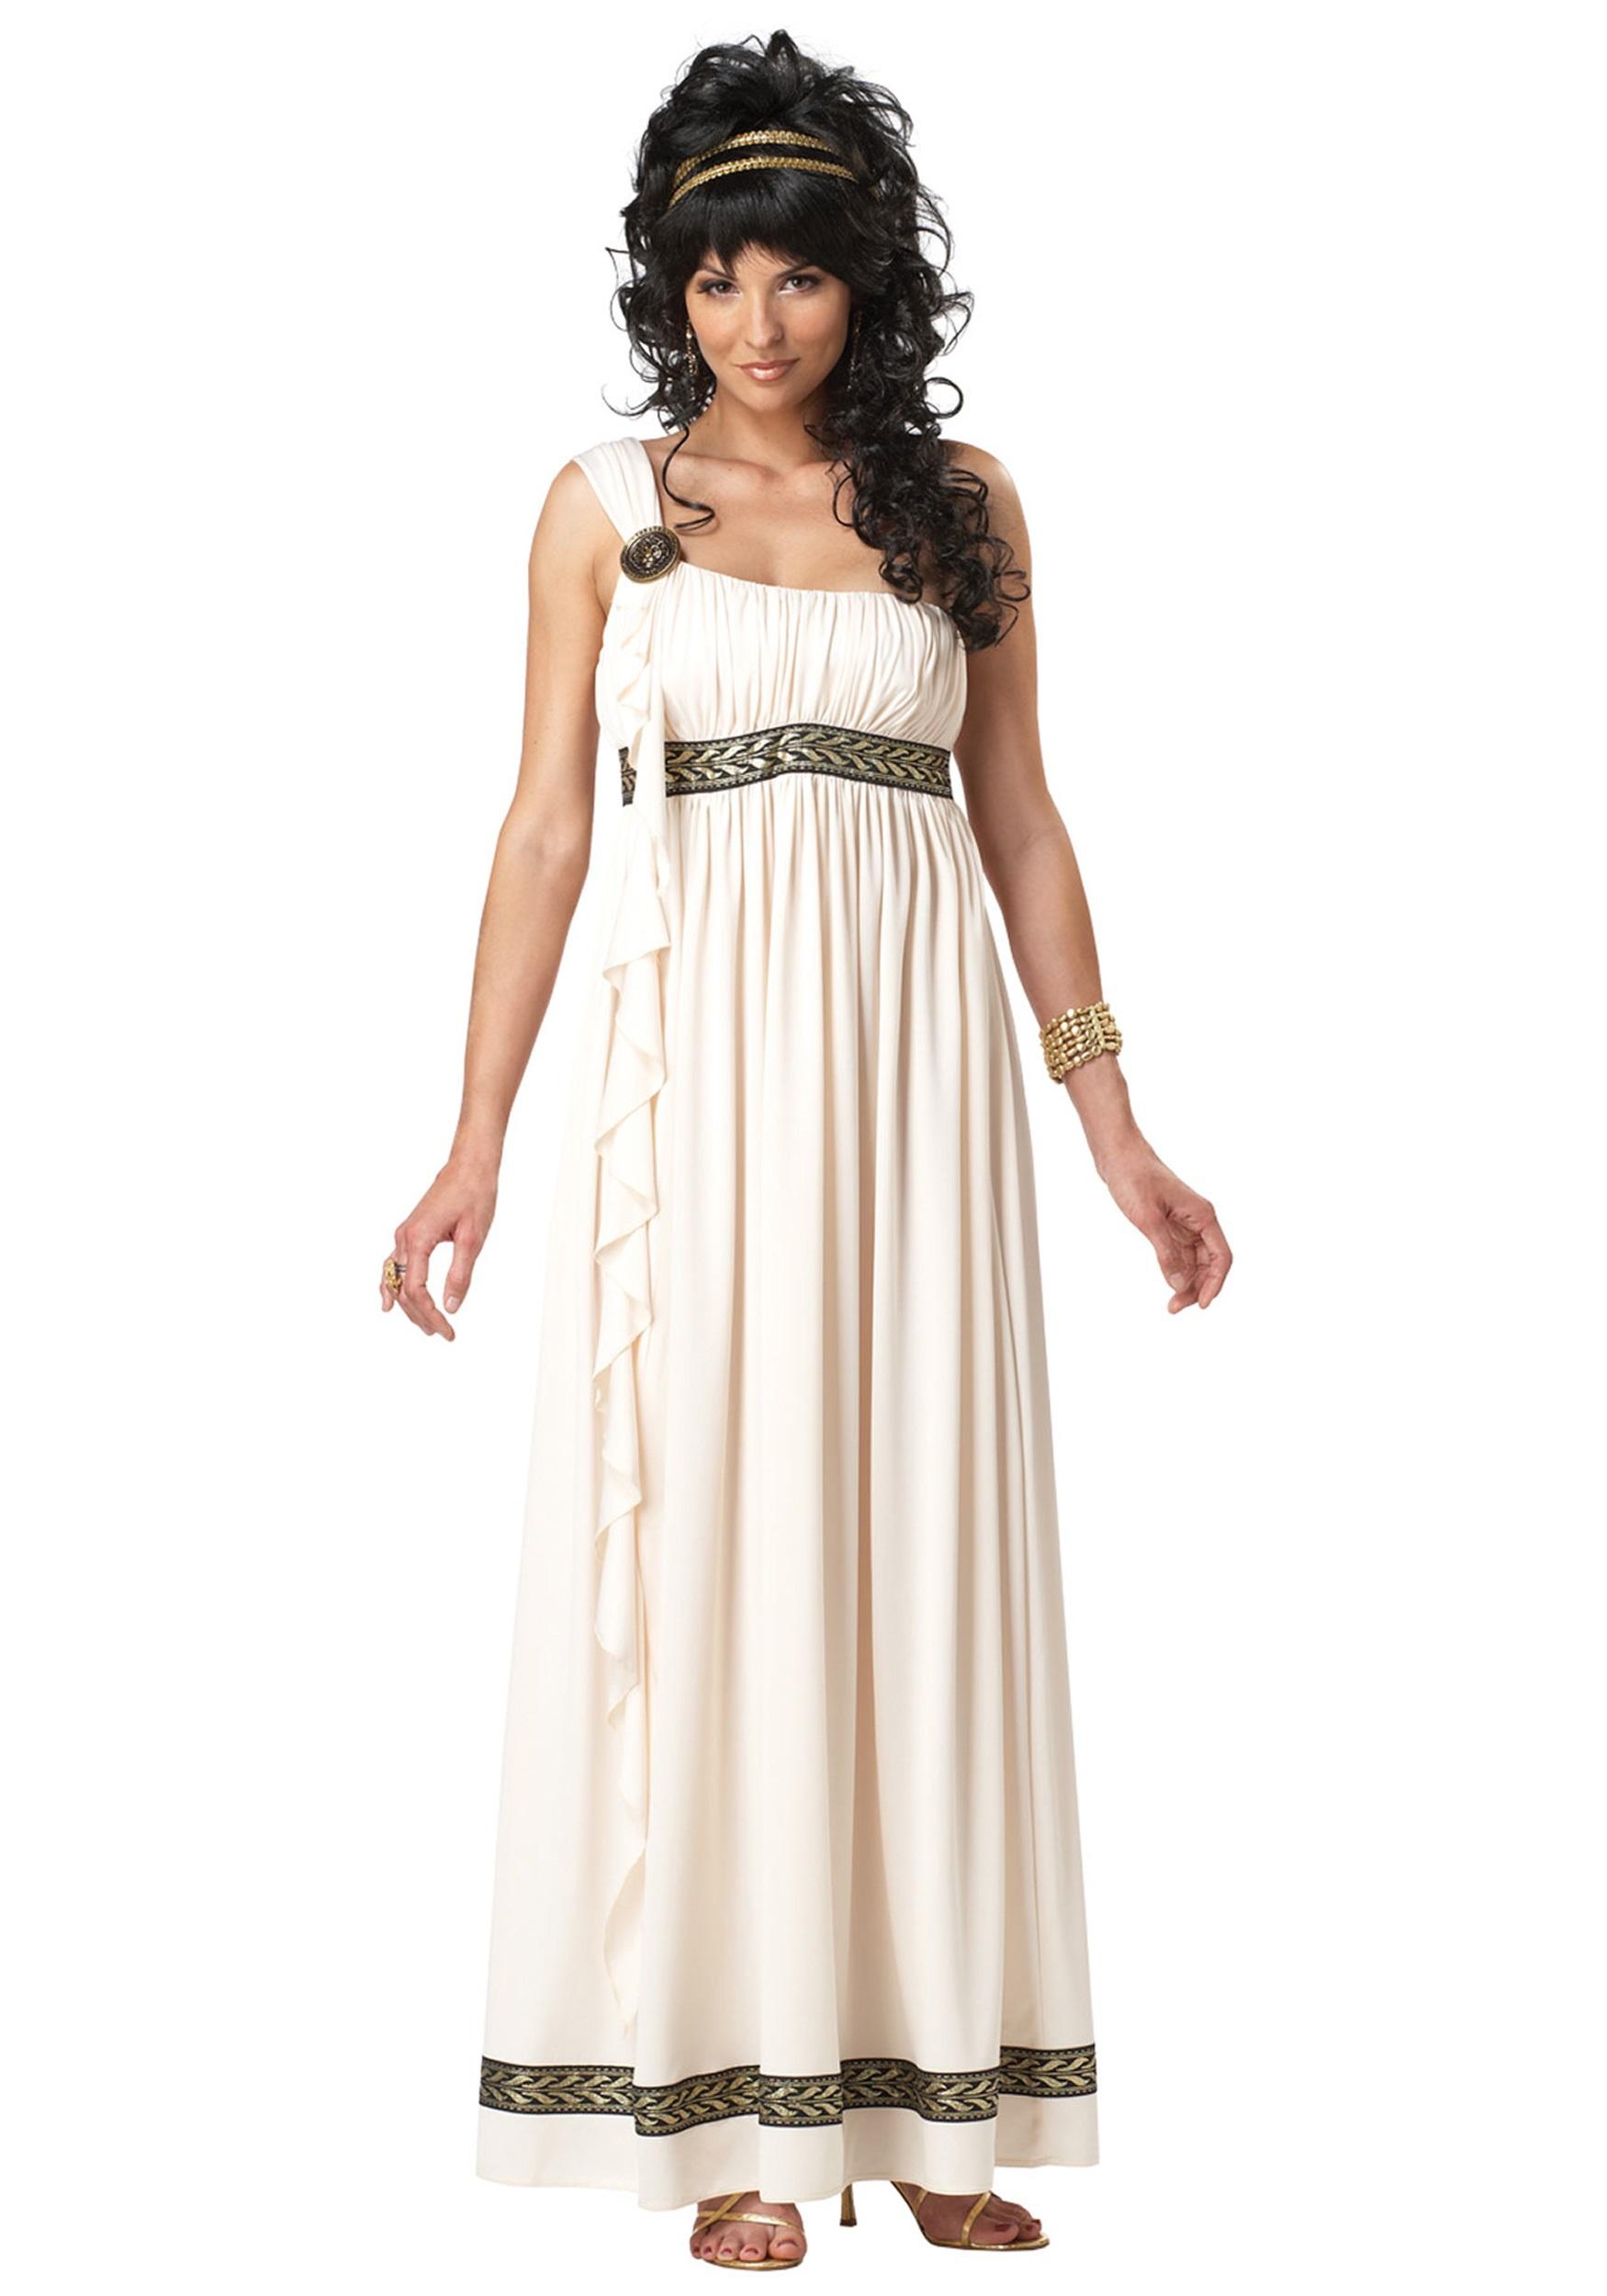 Römische Göttin Kostüm Toga Kostüm Deluxe Helen von Troy